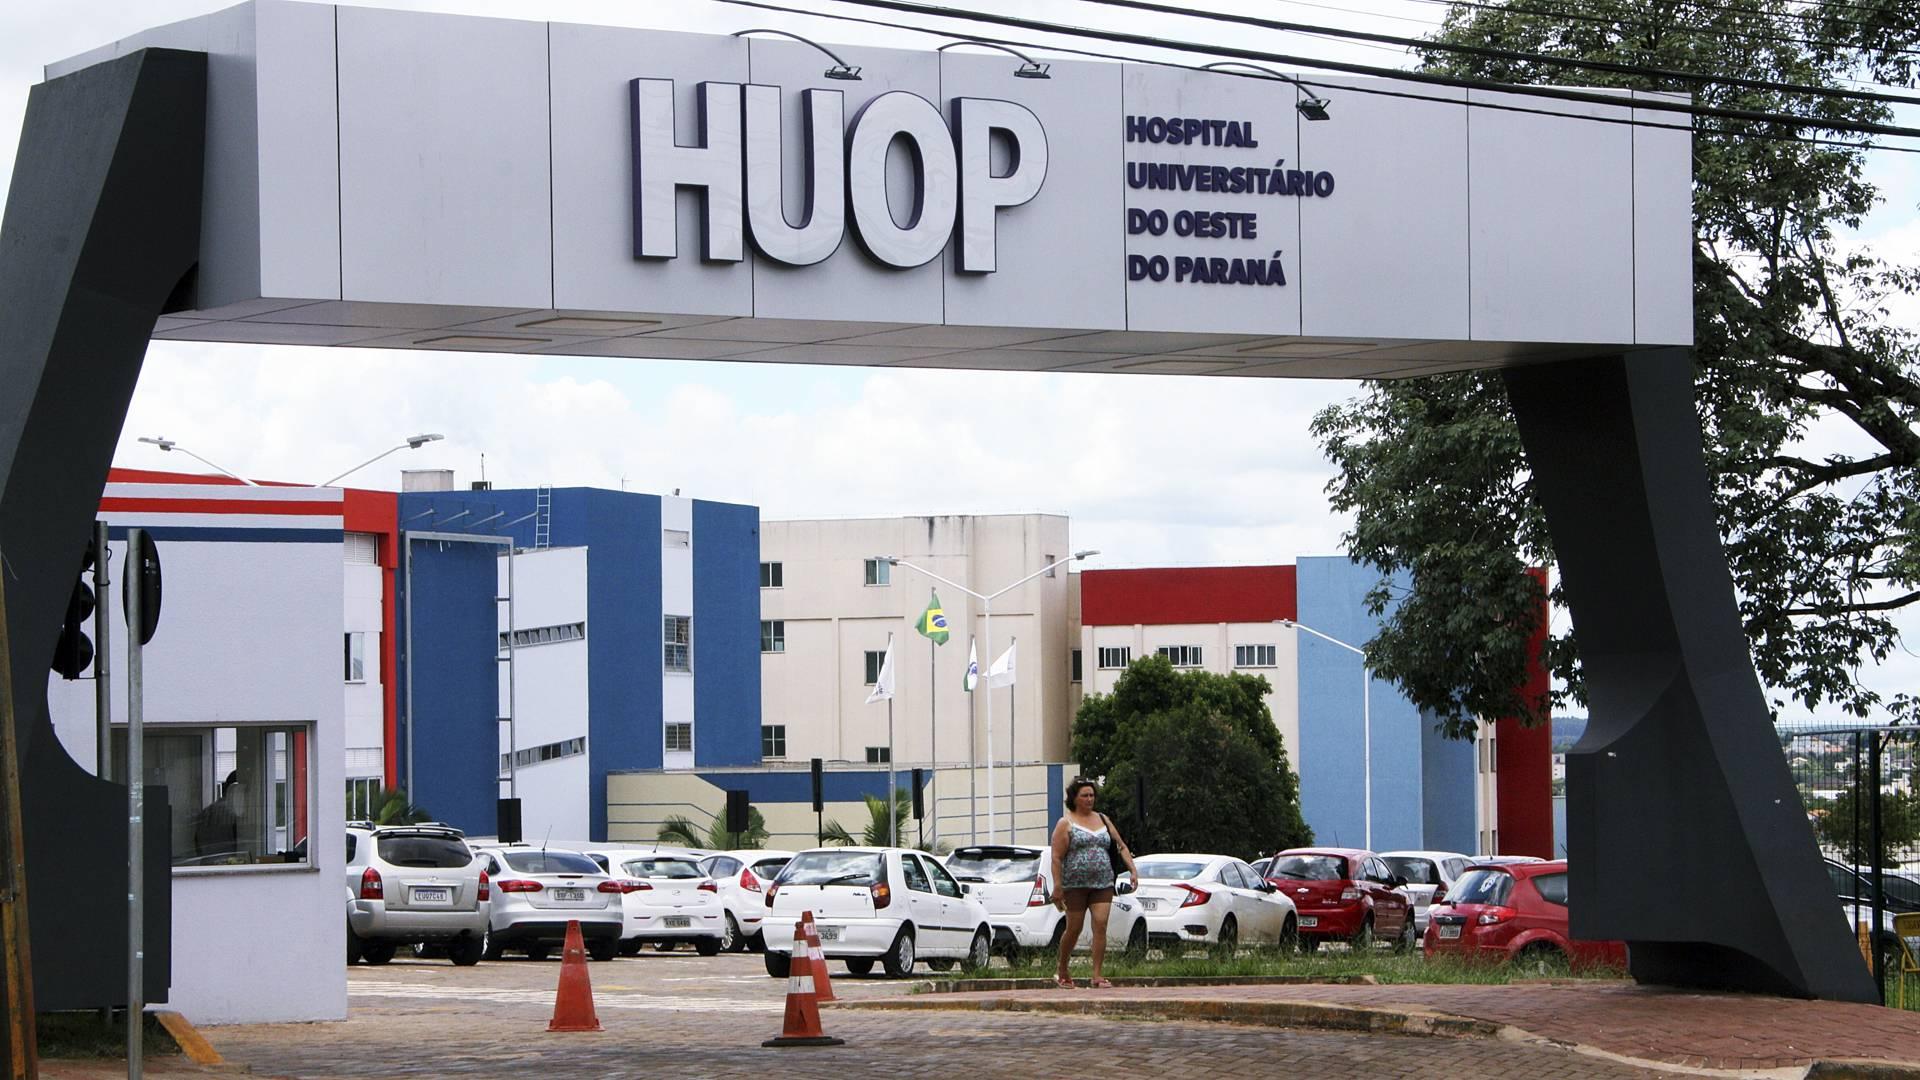 Huop continua com vagas abertas para contratação de Enfermeiro